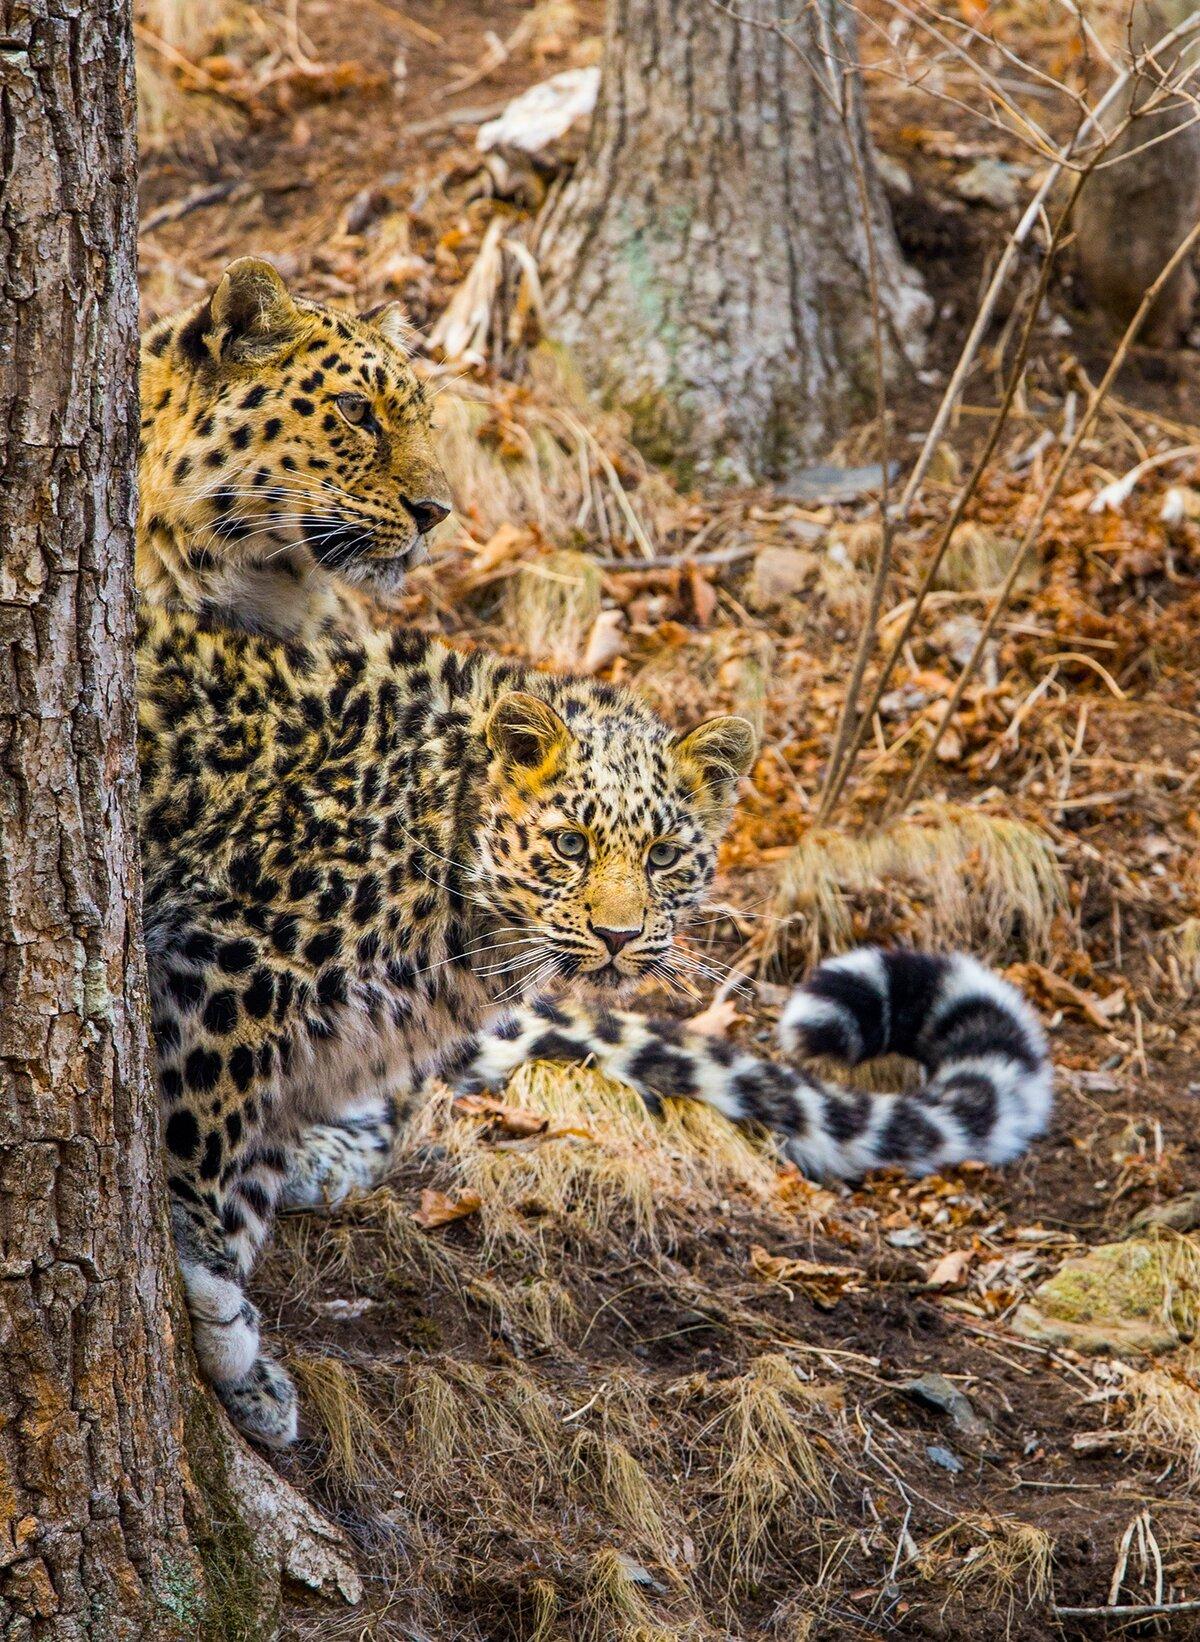 первых смешные фото амурского леопарда еще всех